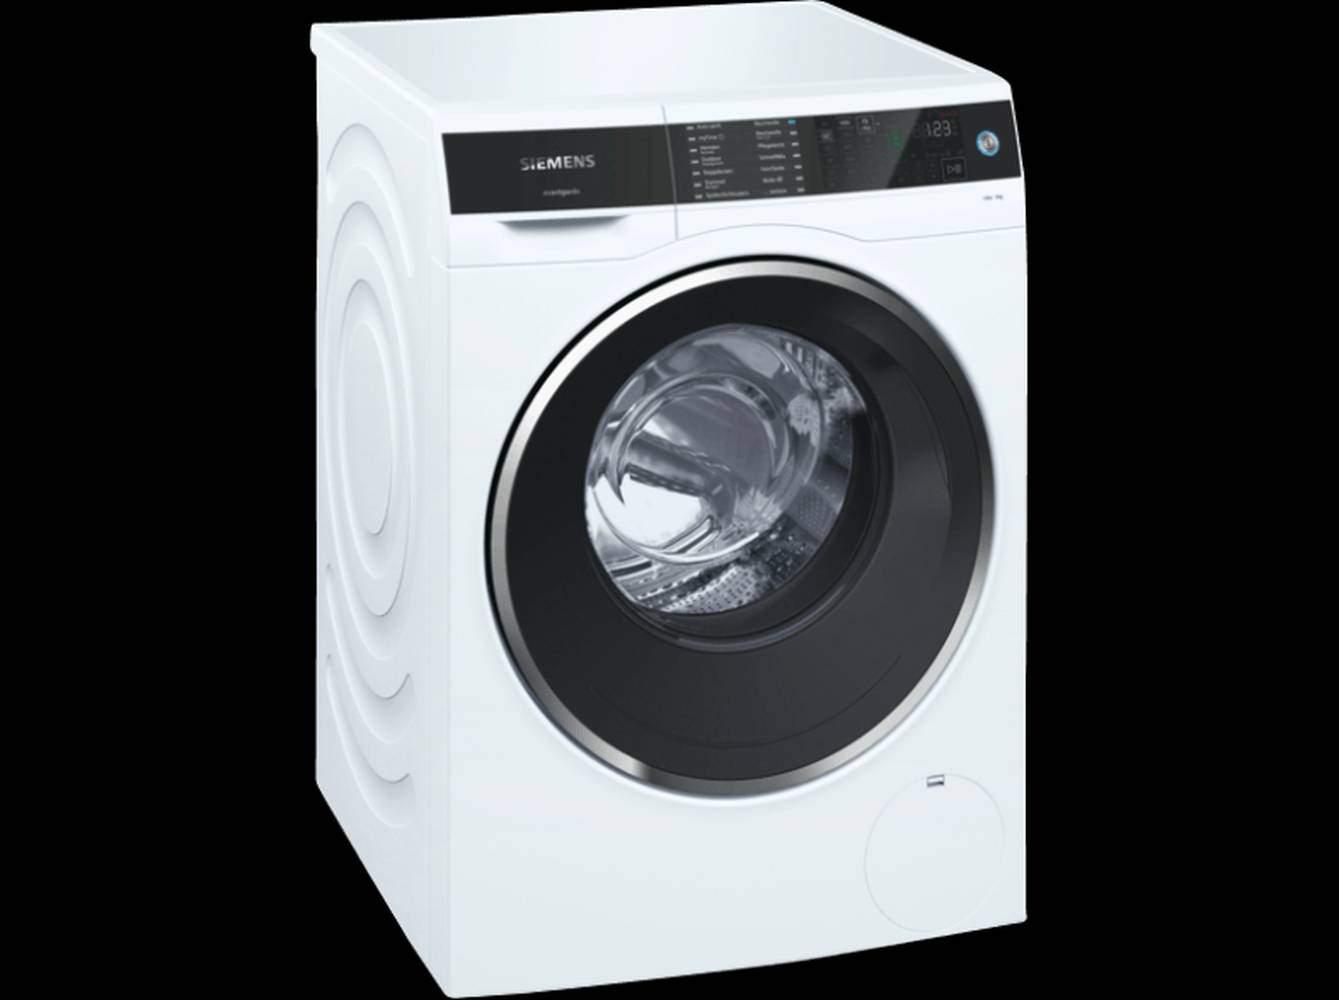 Siemens wm uh waschmaschine im test